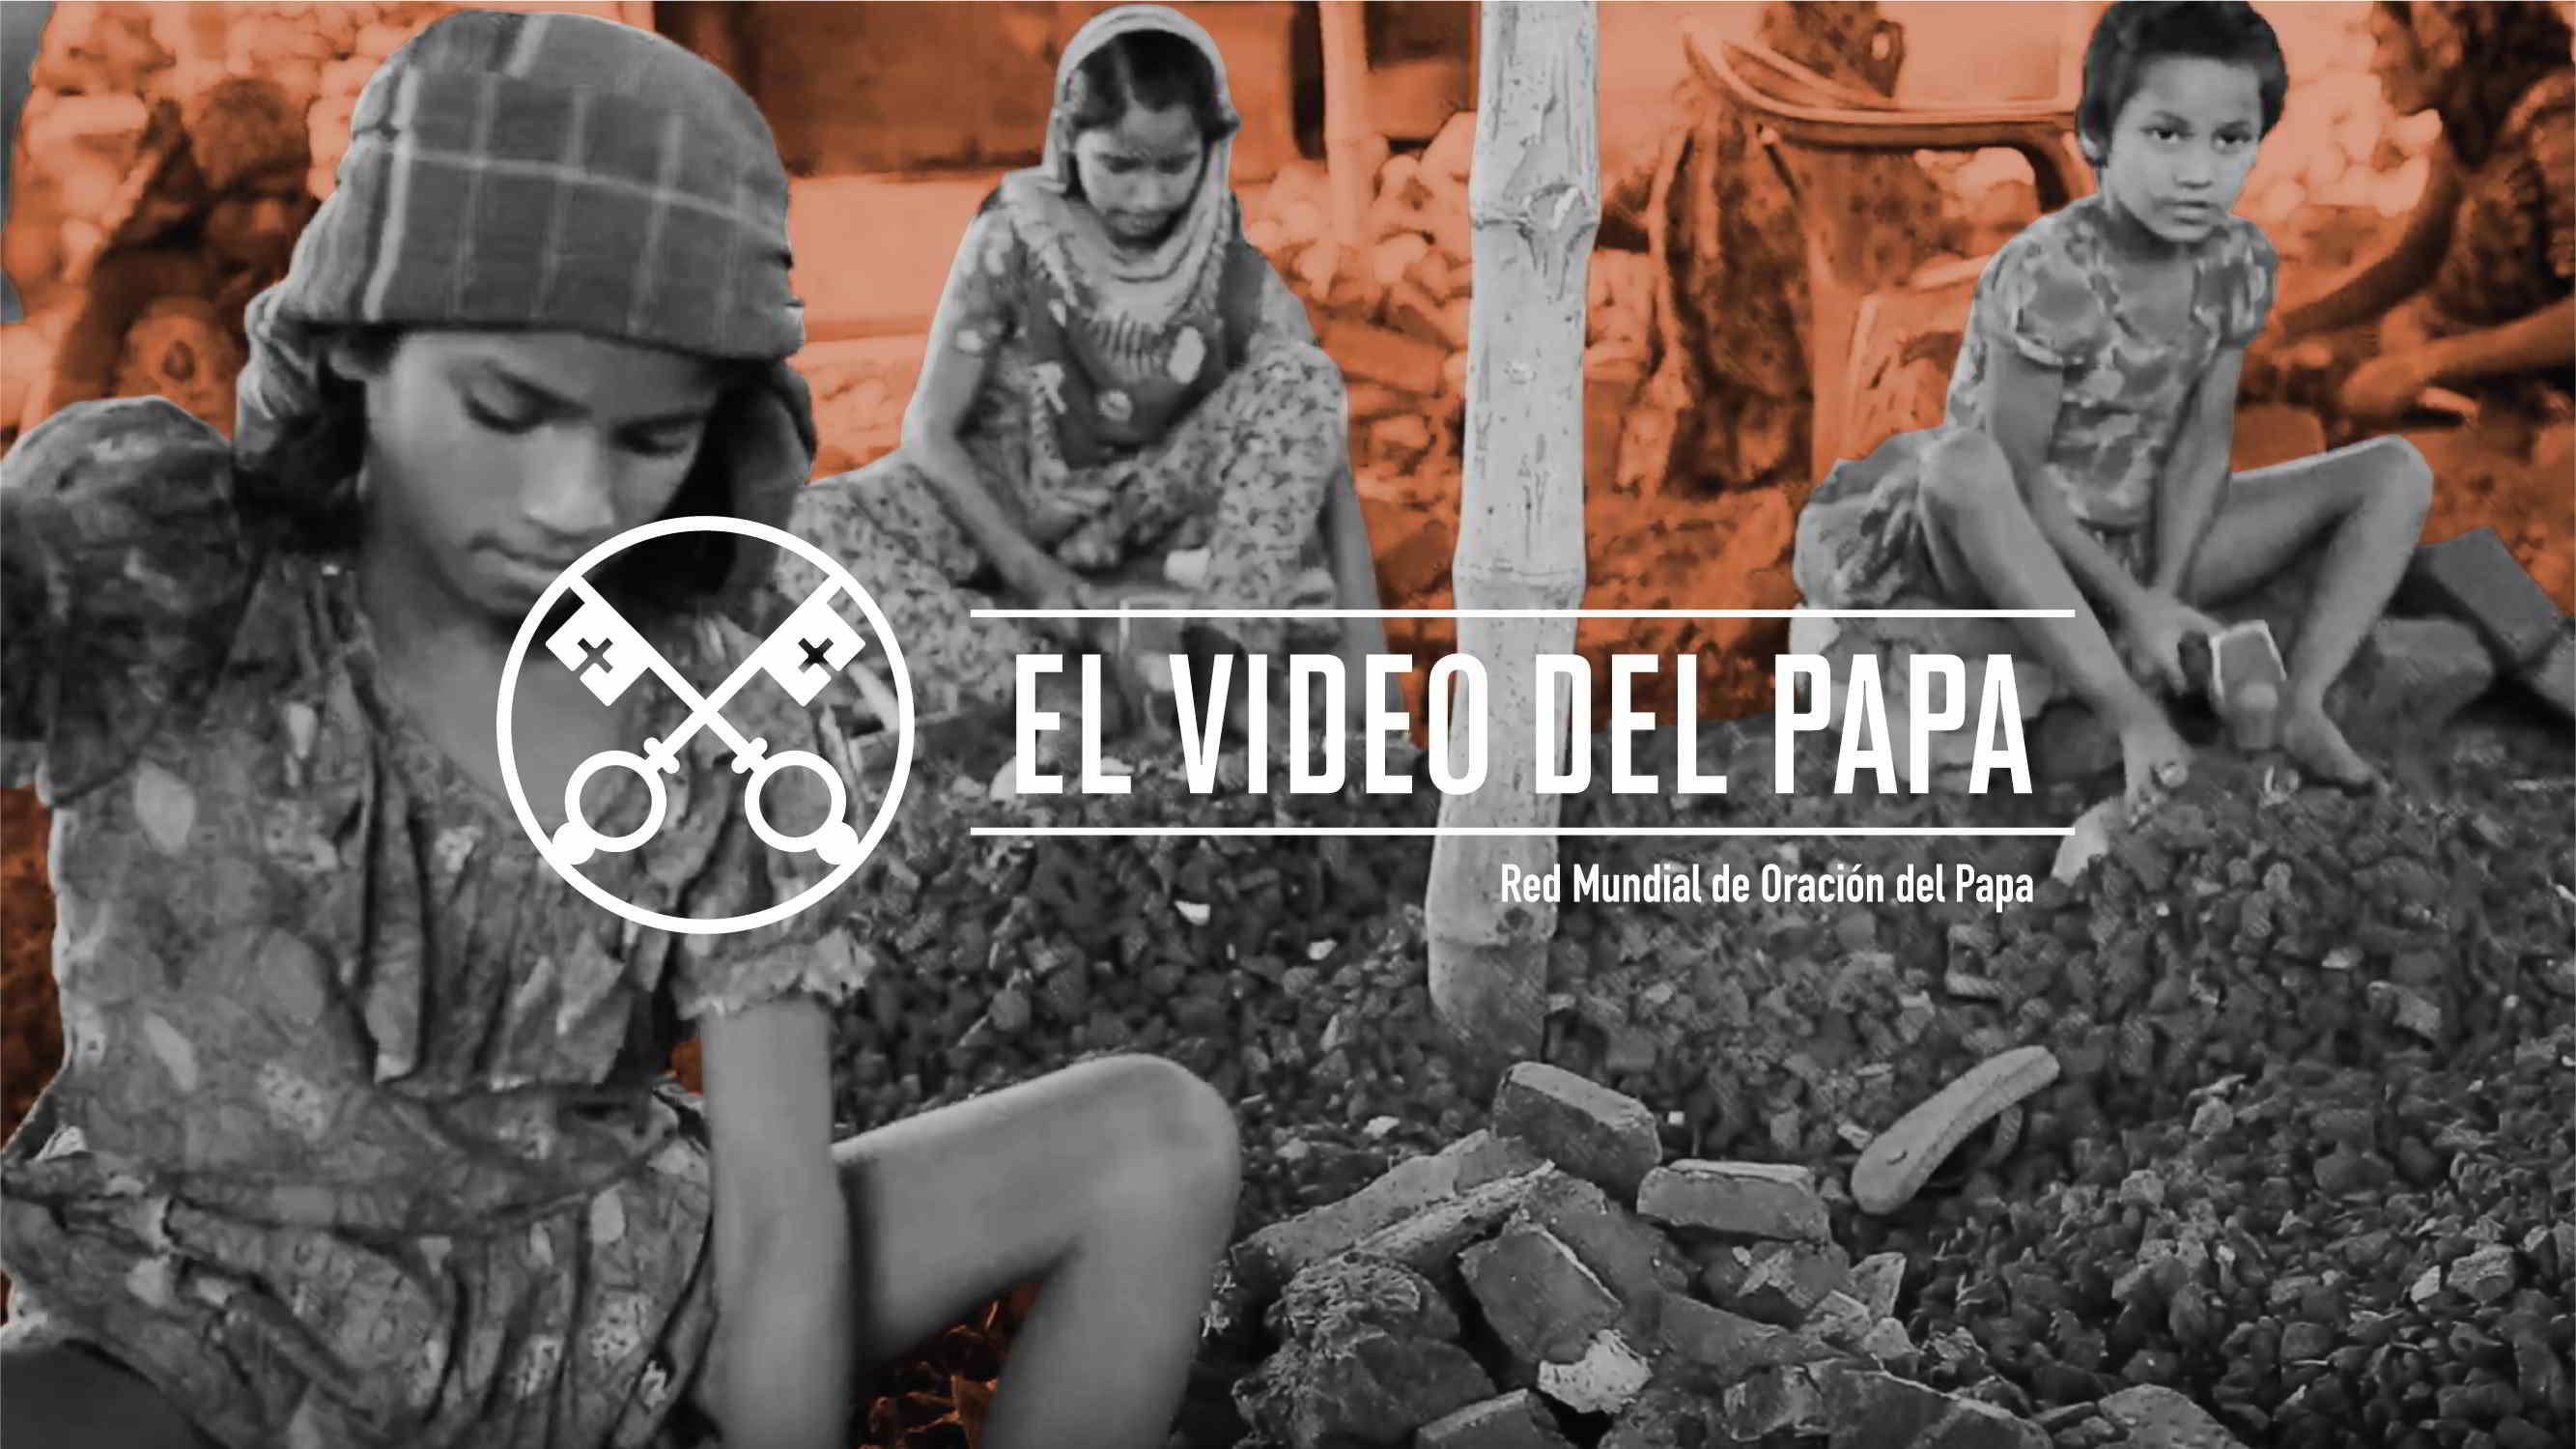 Official Image -TPV 2 2019 - 2 ES - El Video del Papa - Trata de personas